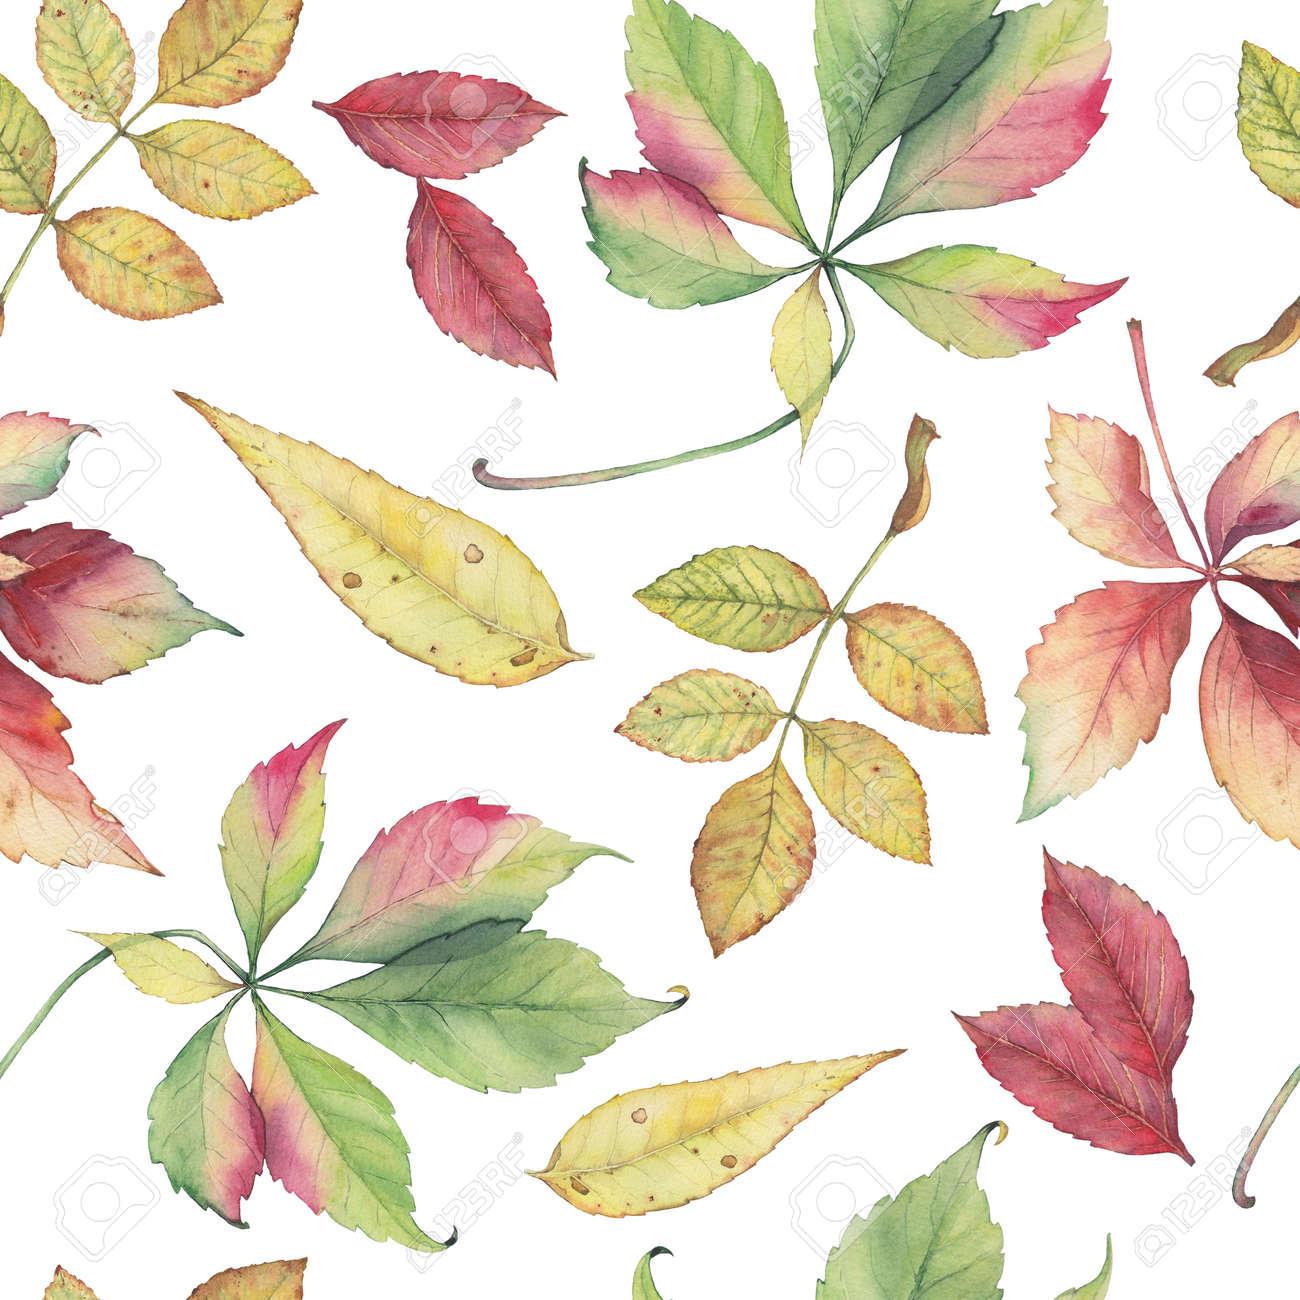 Gemütlich Muster Die Blätter Färben Fotos - Malvorlagen-Ideen ...